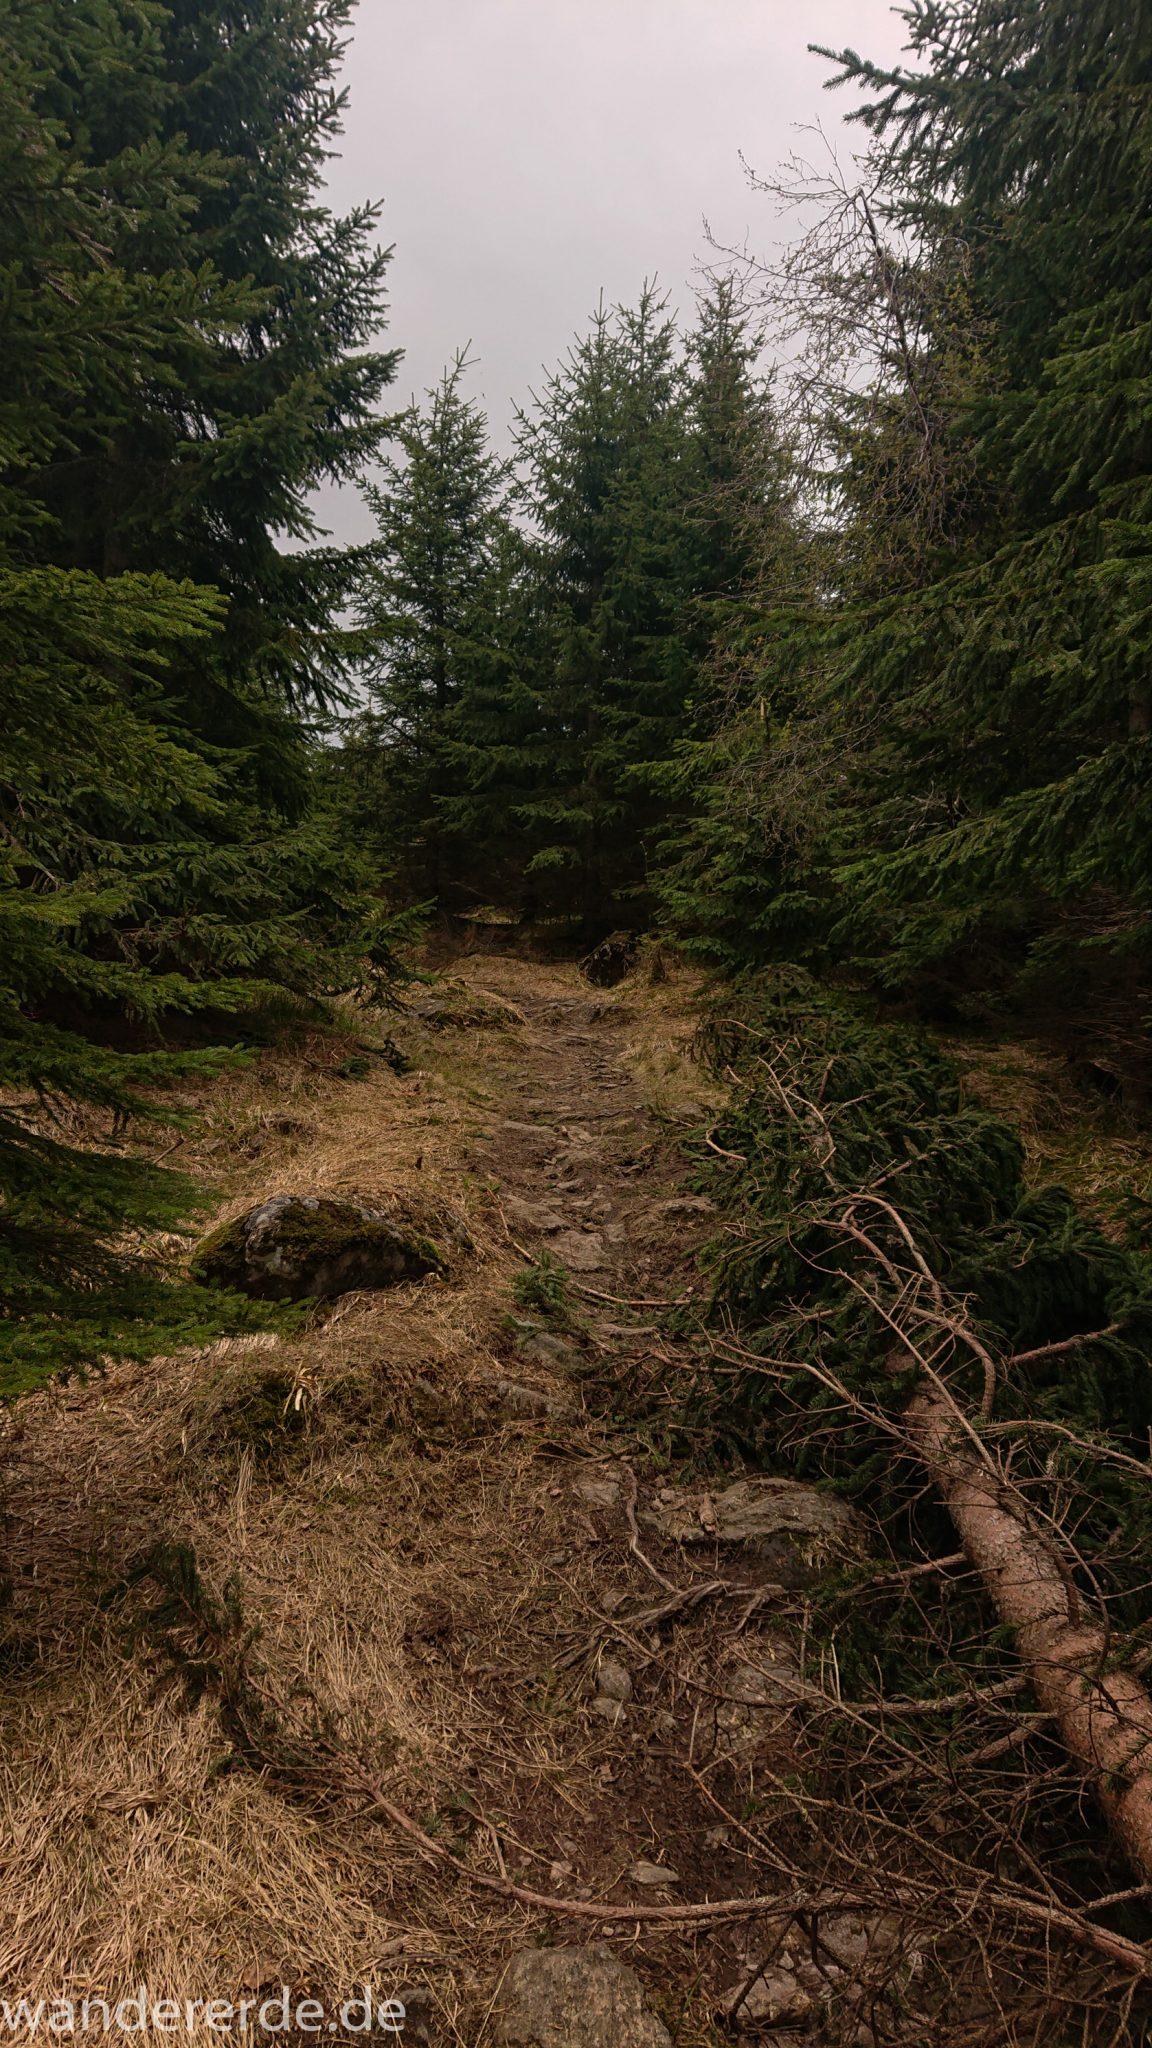 Wanderung Großer Rachel im Nationalpark Bayerischer Wald, Start Parkplatz Oberfrauenau, toller naturbelassener Wanderweg mit kühlendem Schatten, umgefallene Bäume werden liegen gelassen, schöner dichter Wald